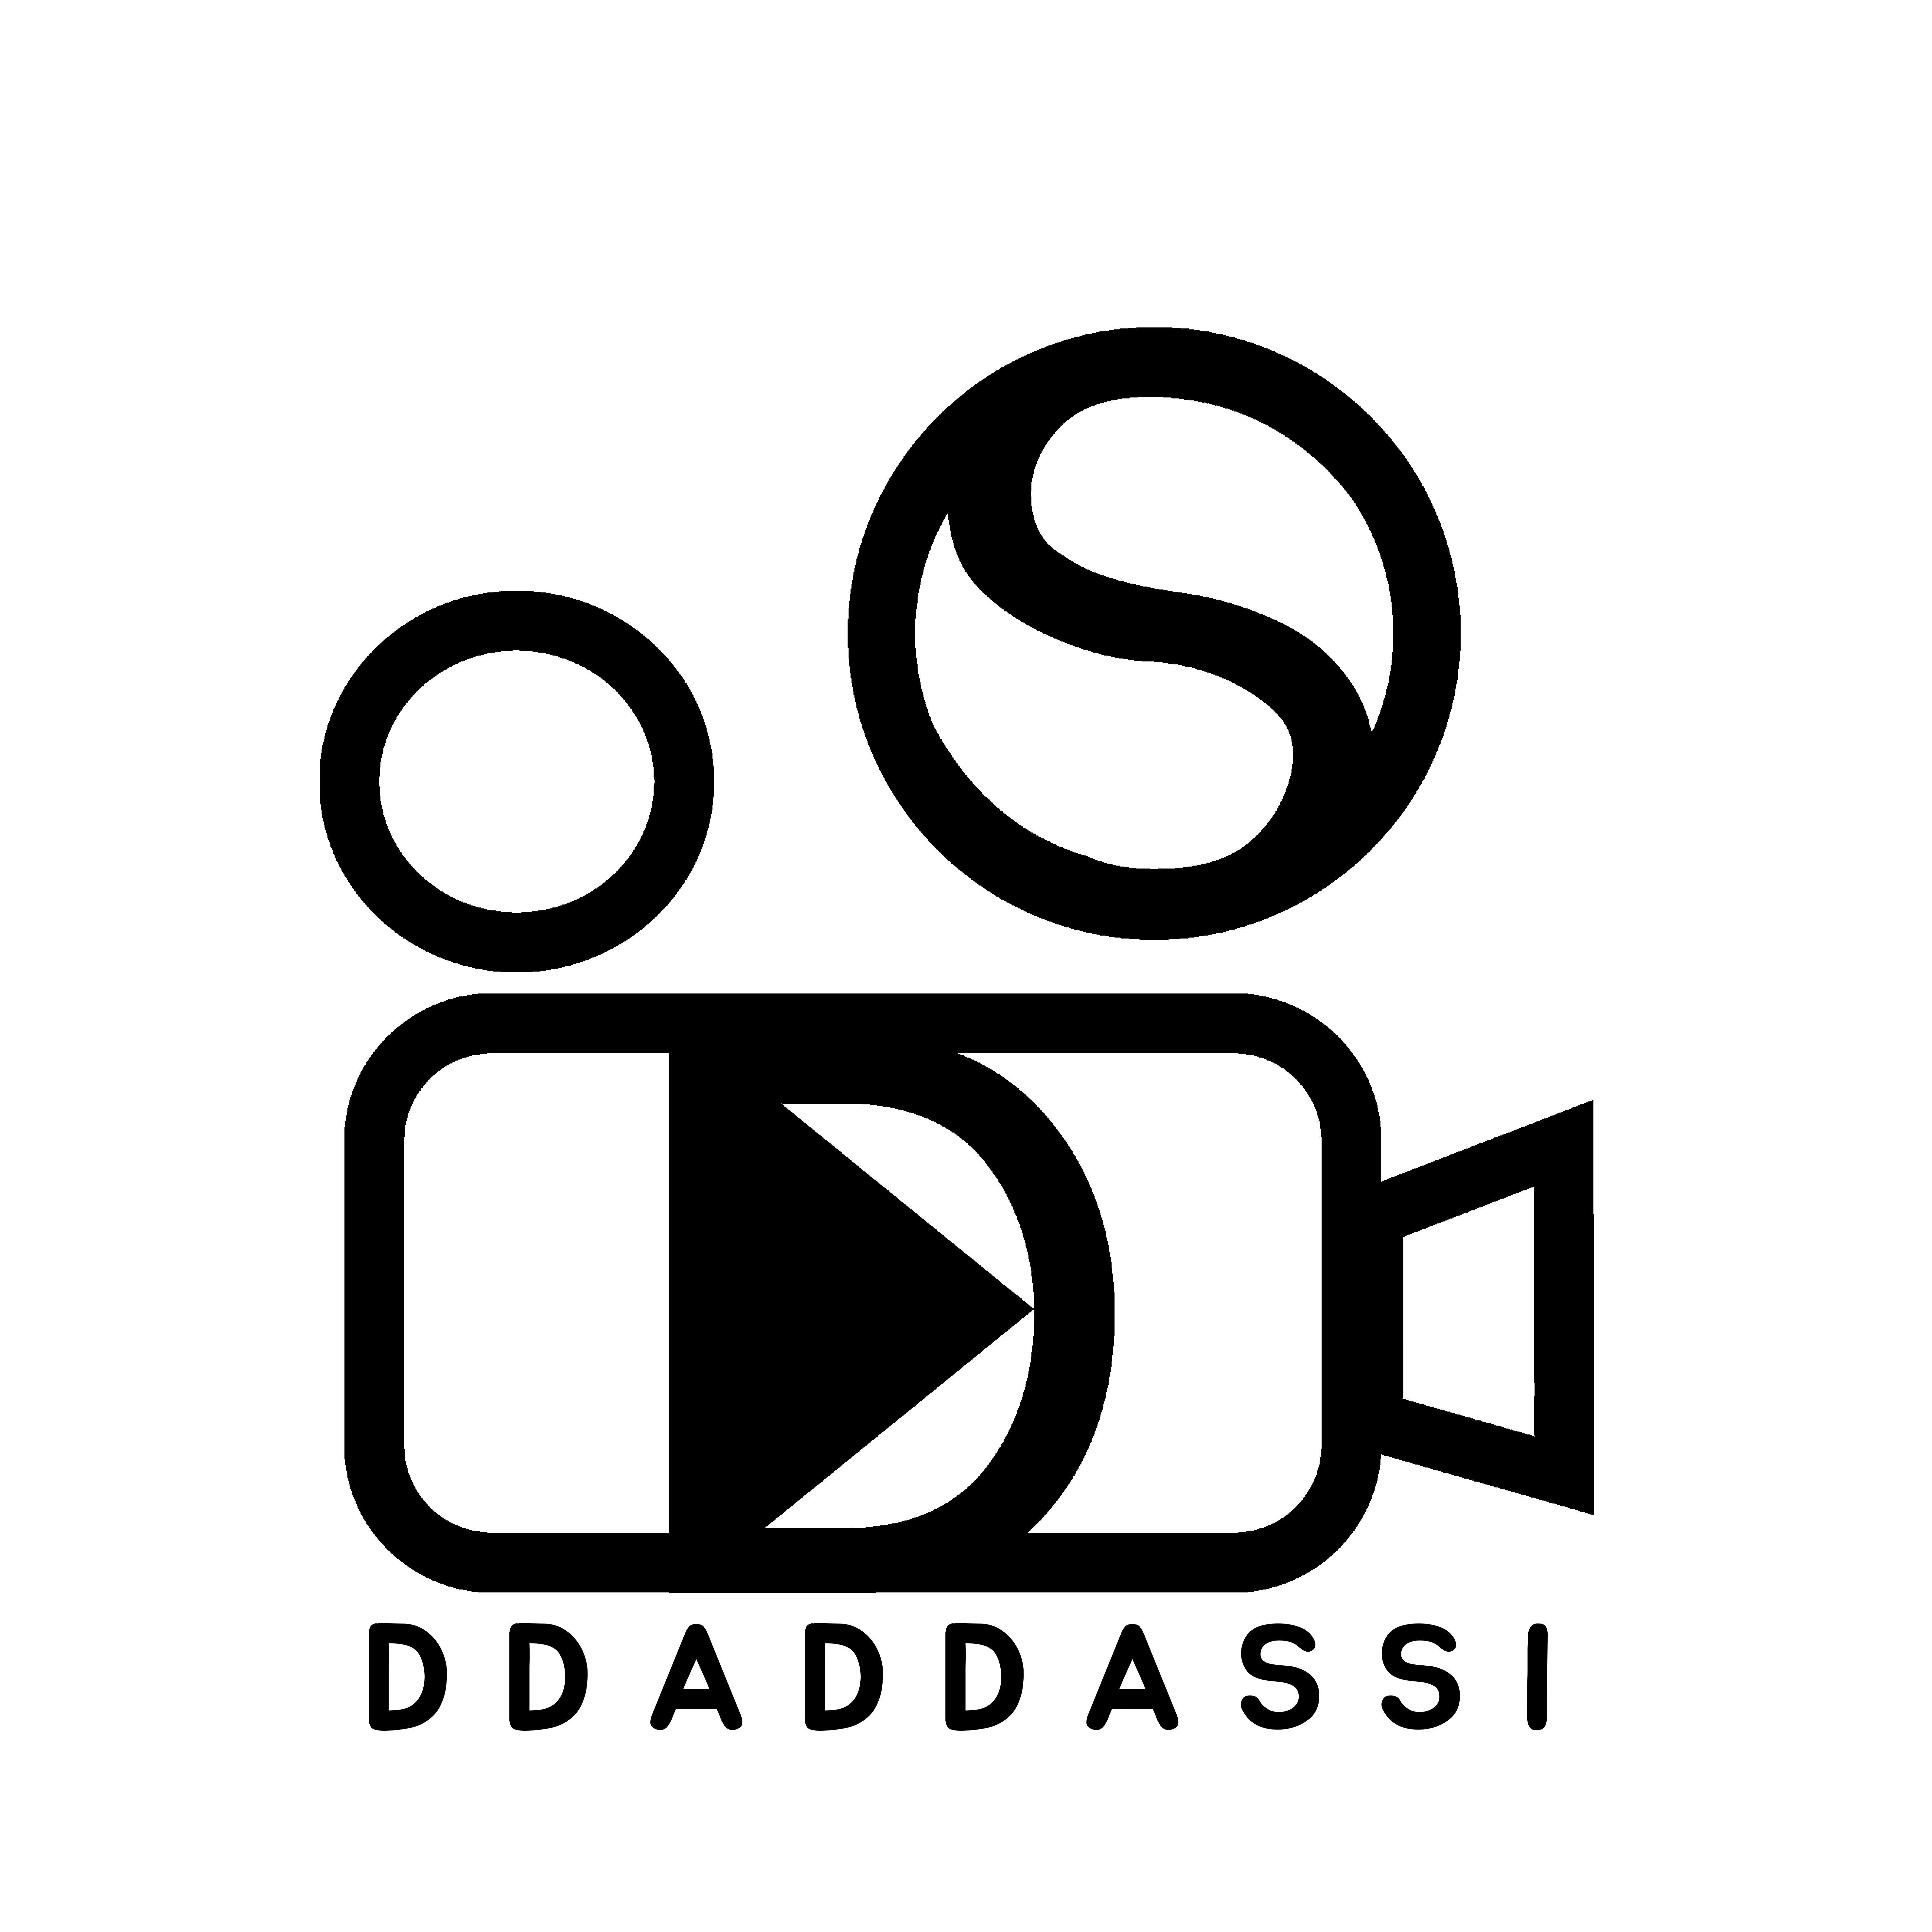 DaDaSi 님의 프로필 사진